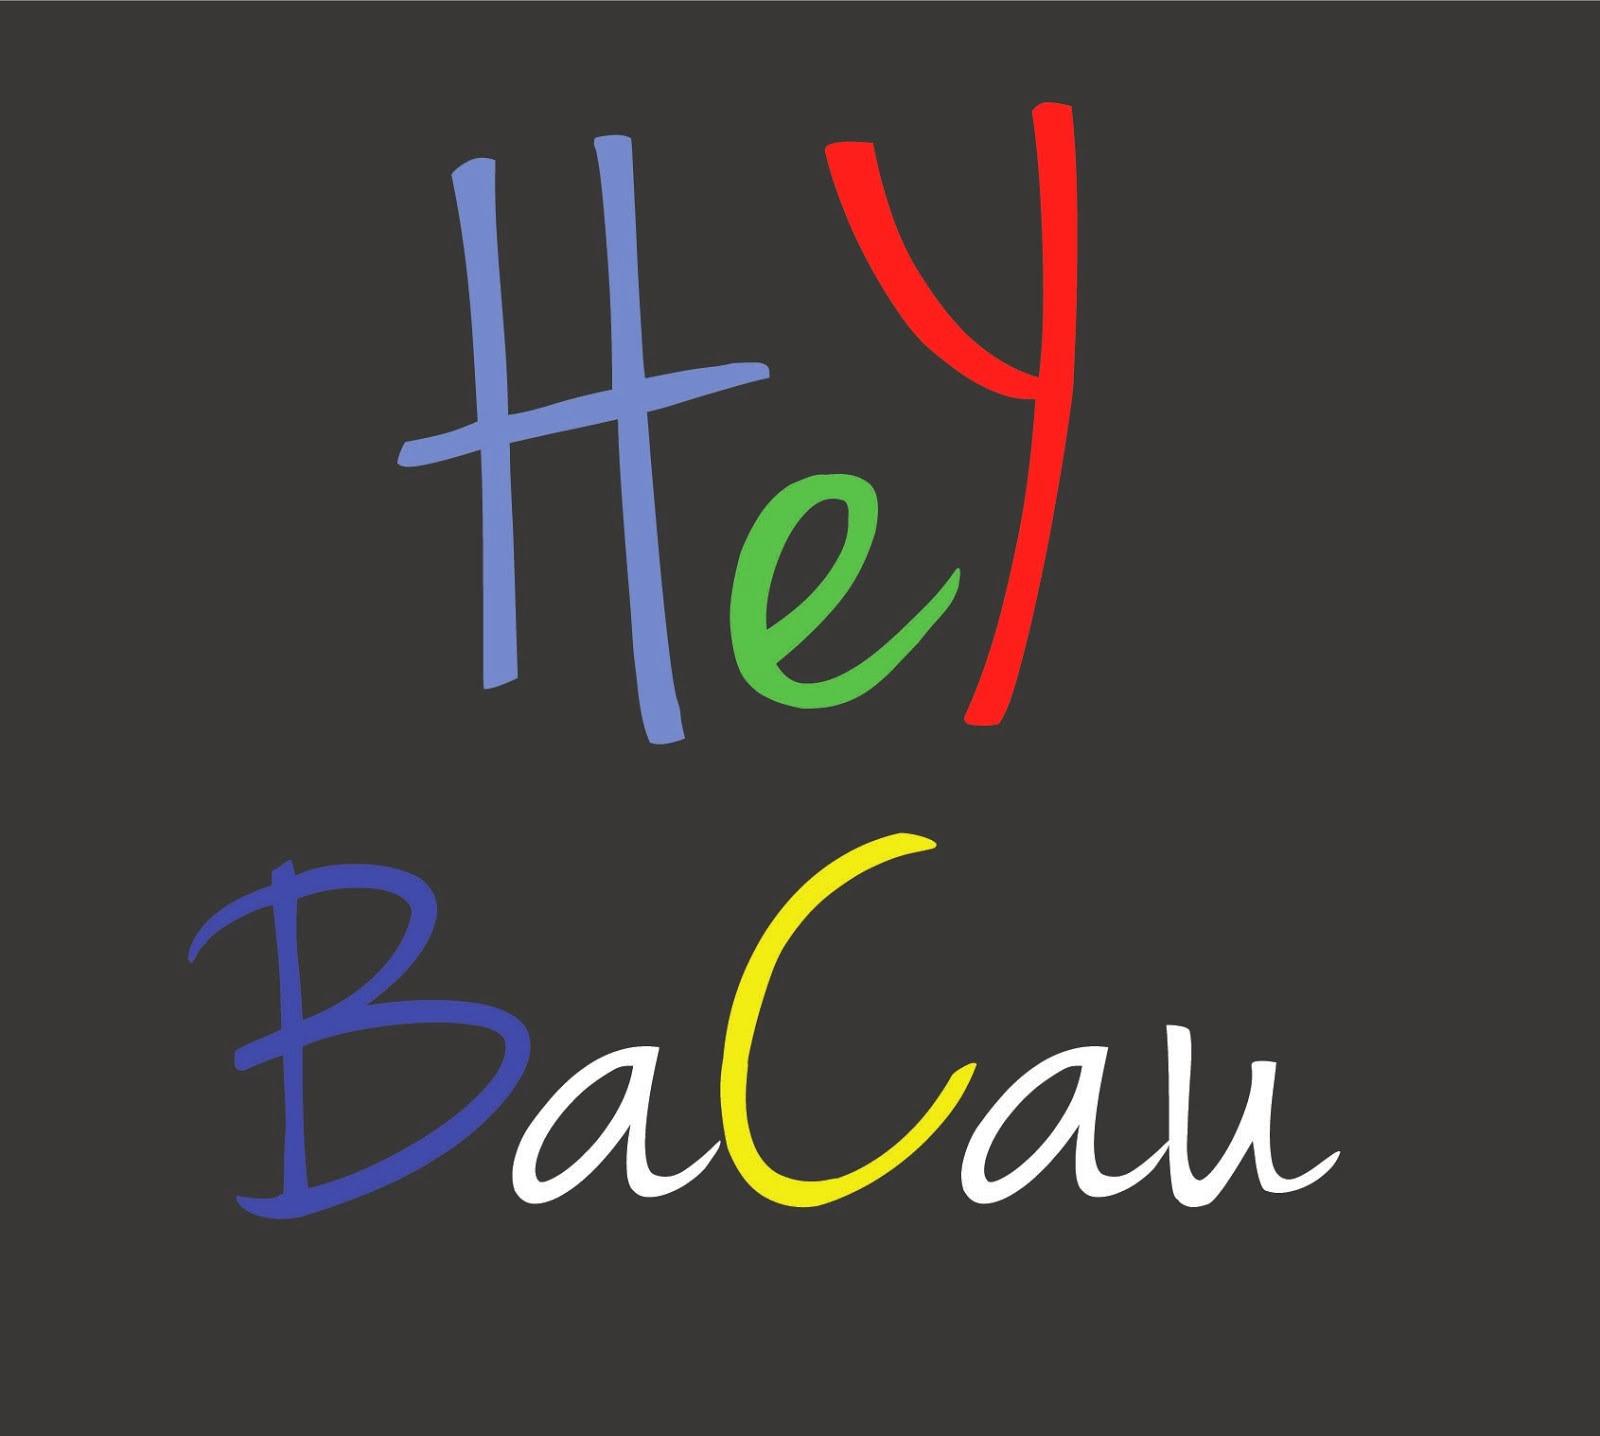 Hey Bacau